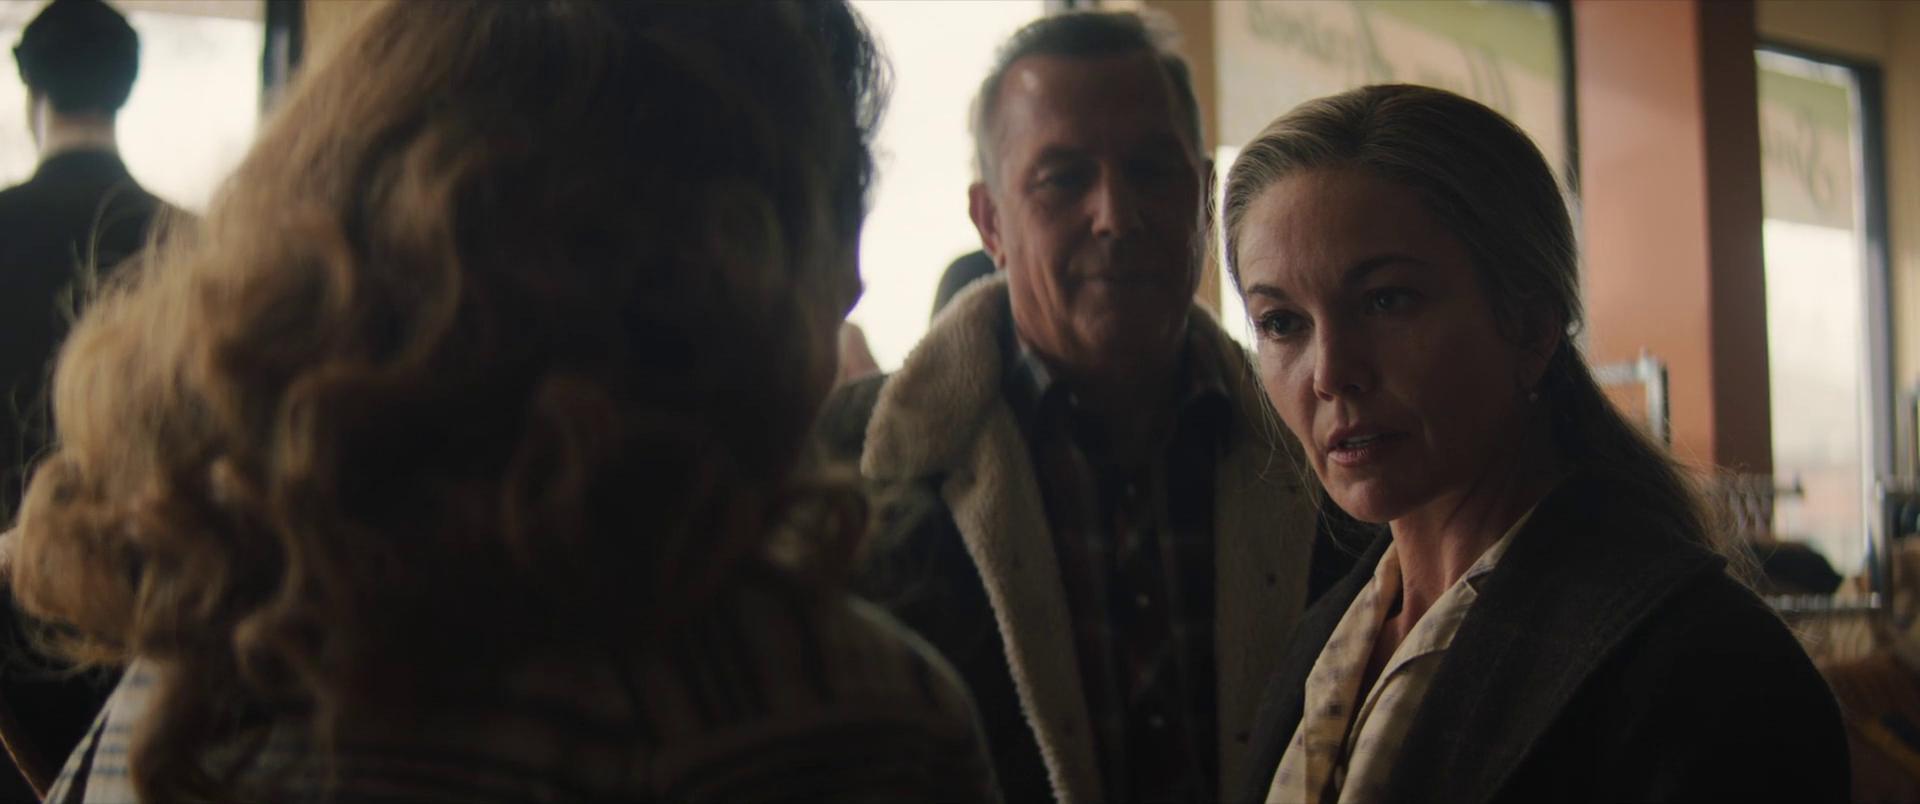 Kevin Costner, Diane Lane, and Kayli Carter in Let Him Go (2020)